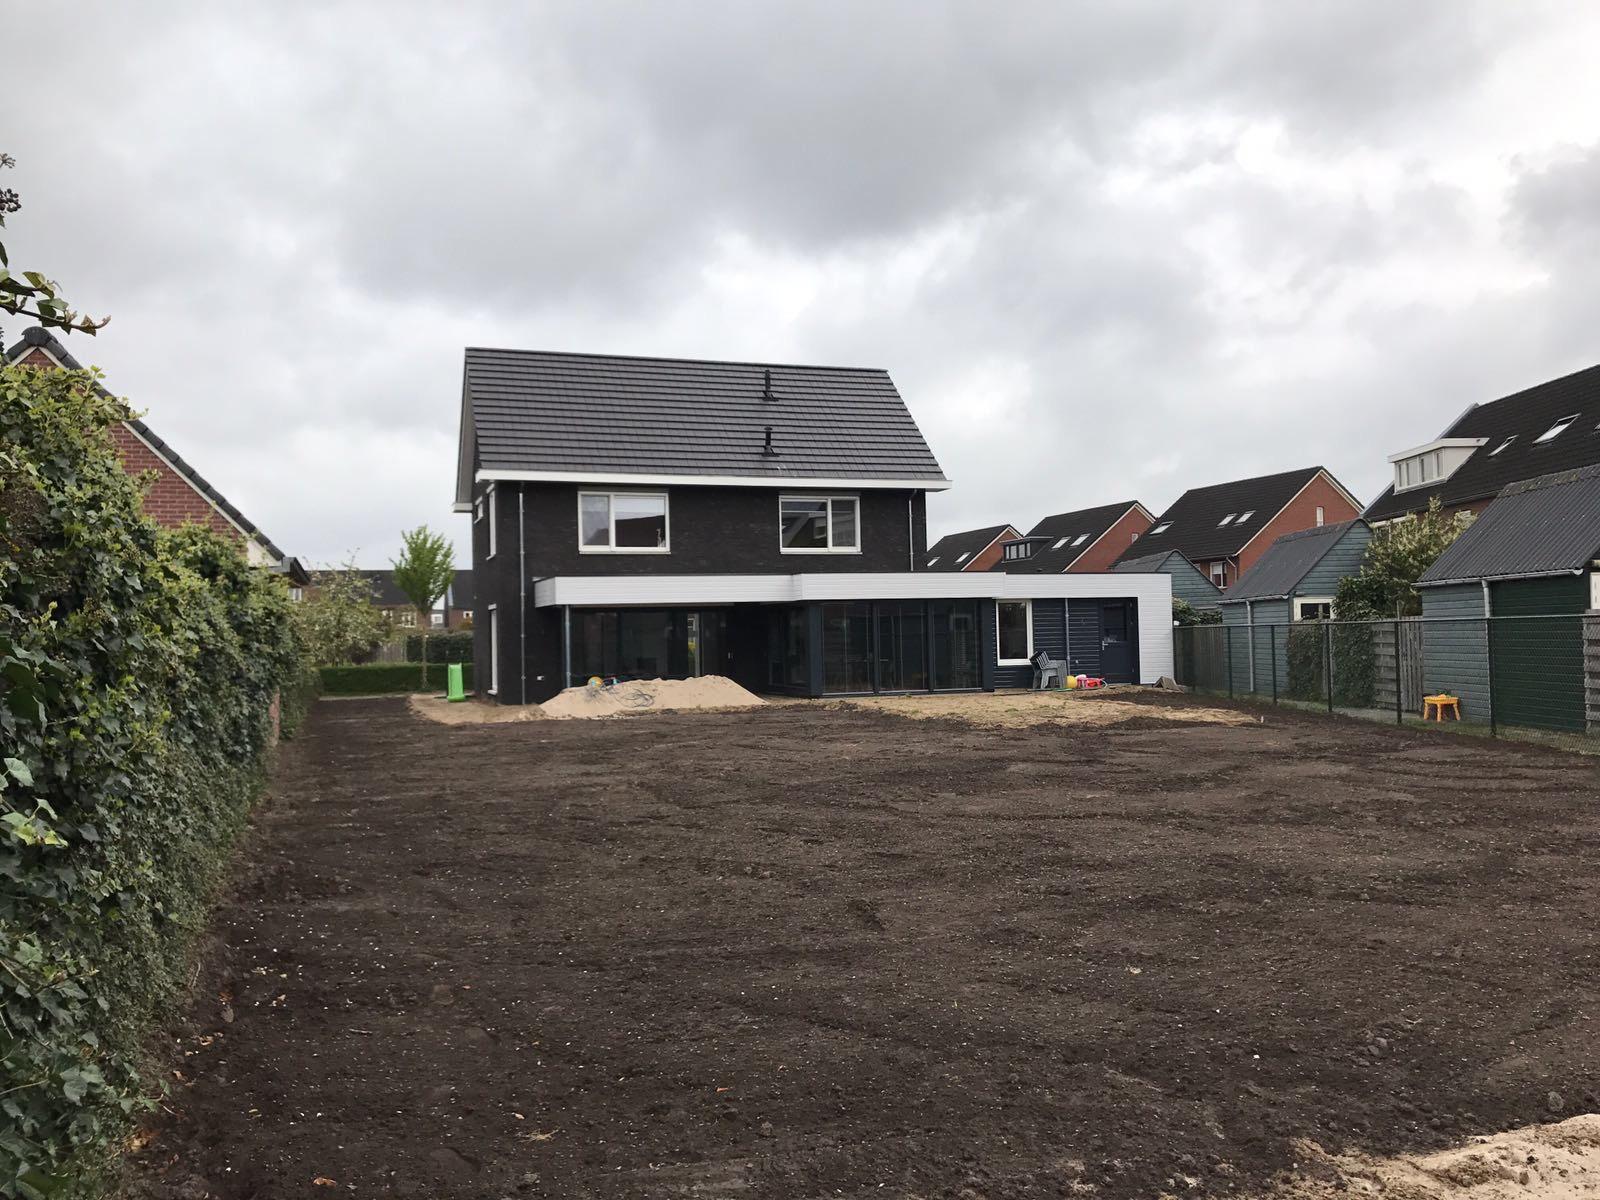 Wat kost een huis bouwen zonder grond jelte glas with wat for Wat kost bouwen huis